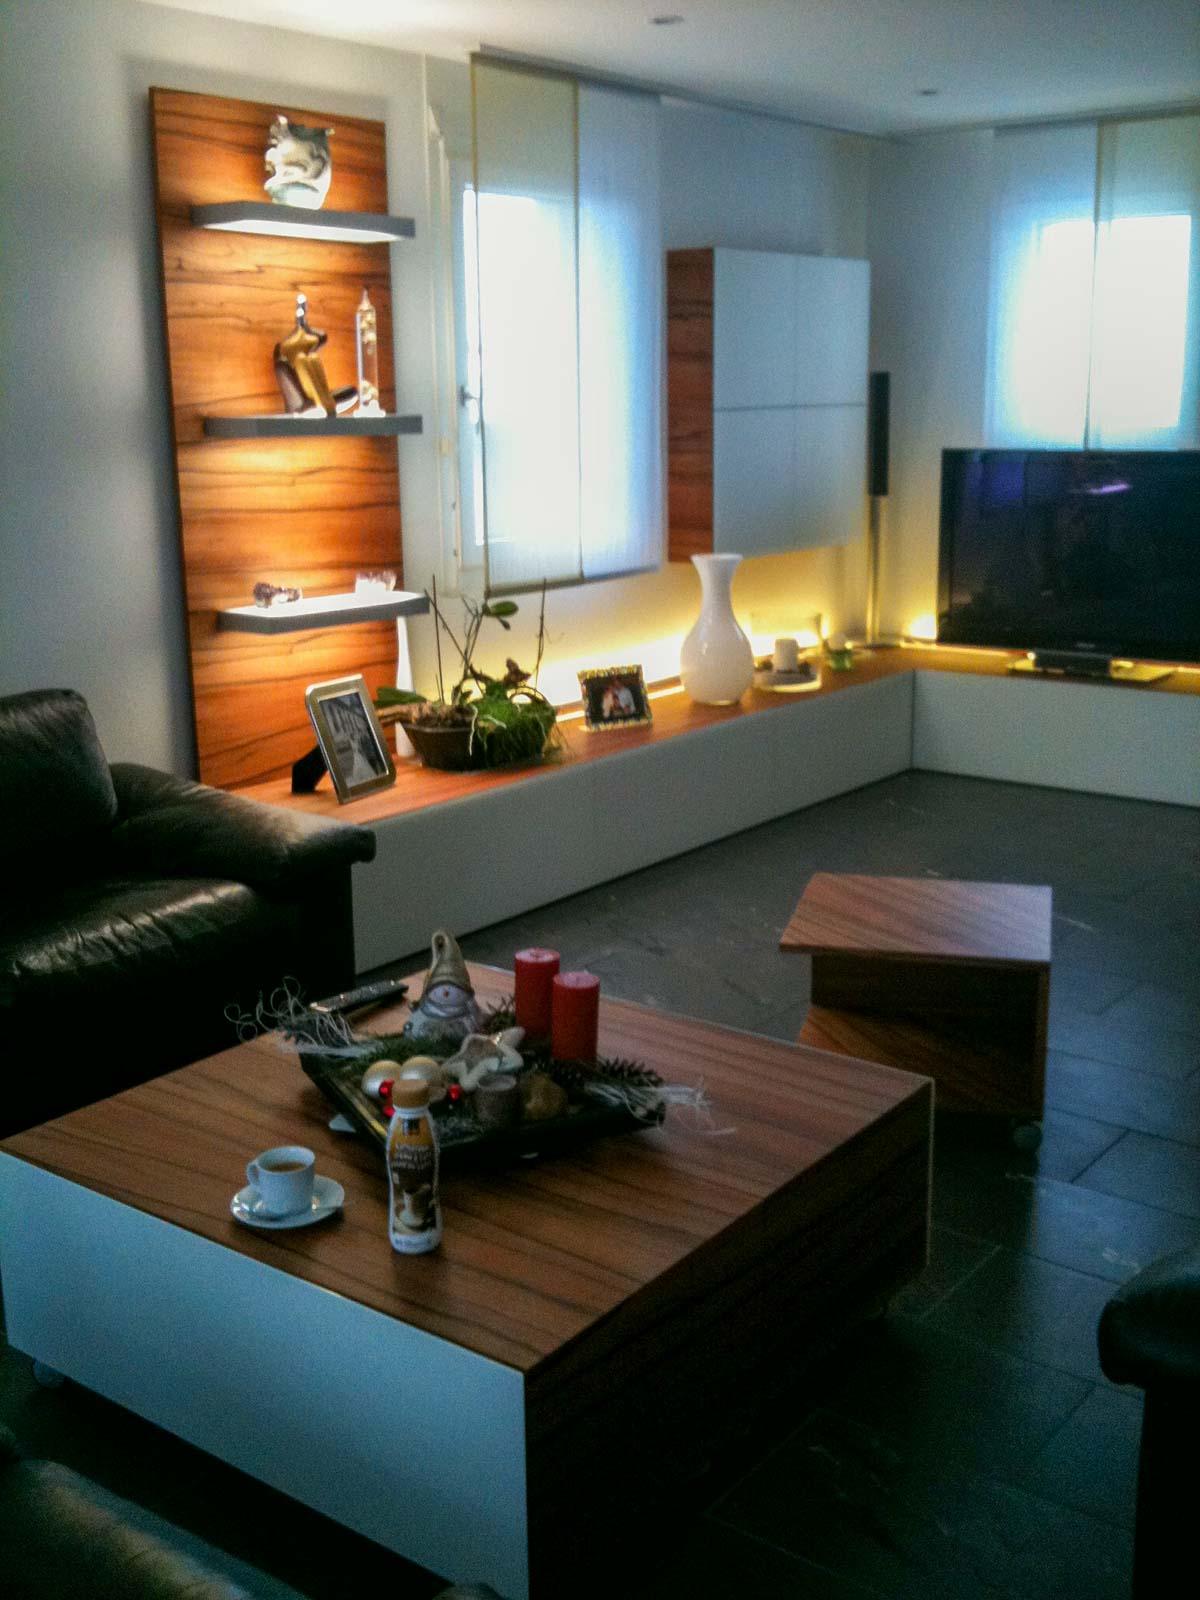 Wooddesign_Wohnzimmermöbel_Indischer Apfelbaum_Tineo_LED Beleuchtung_Glastablar_Bar (2)